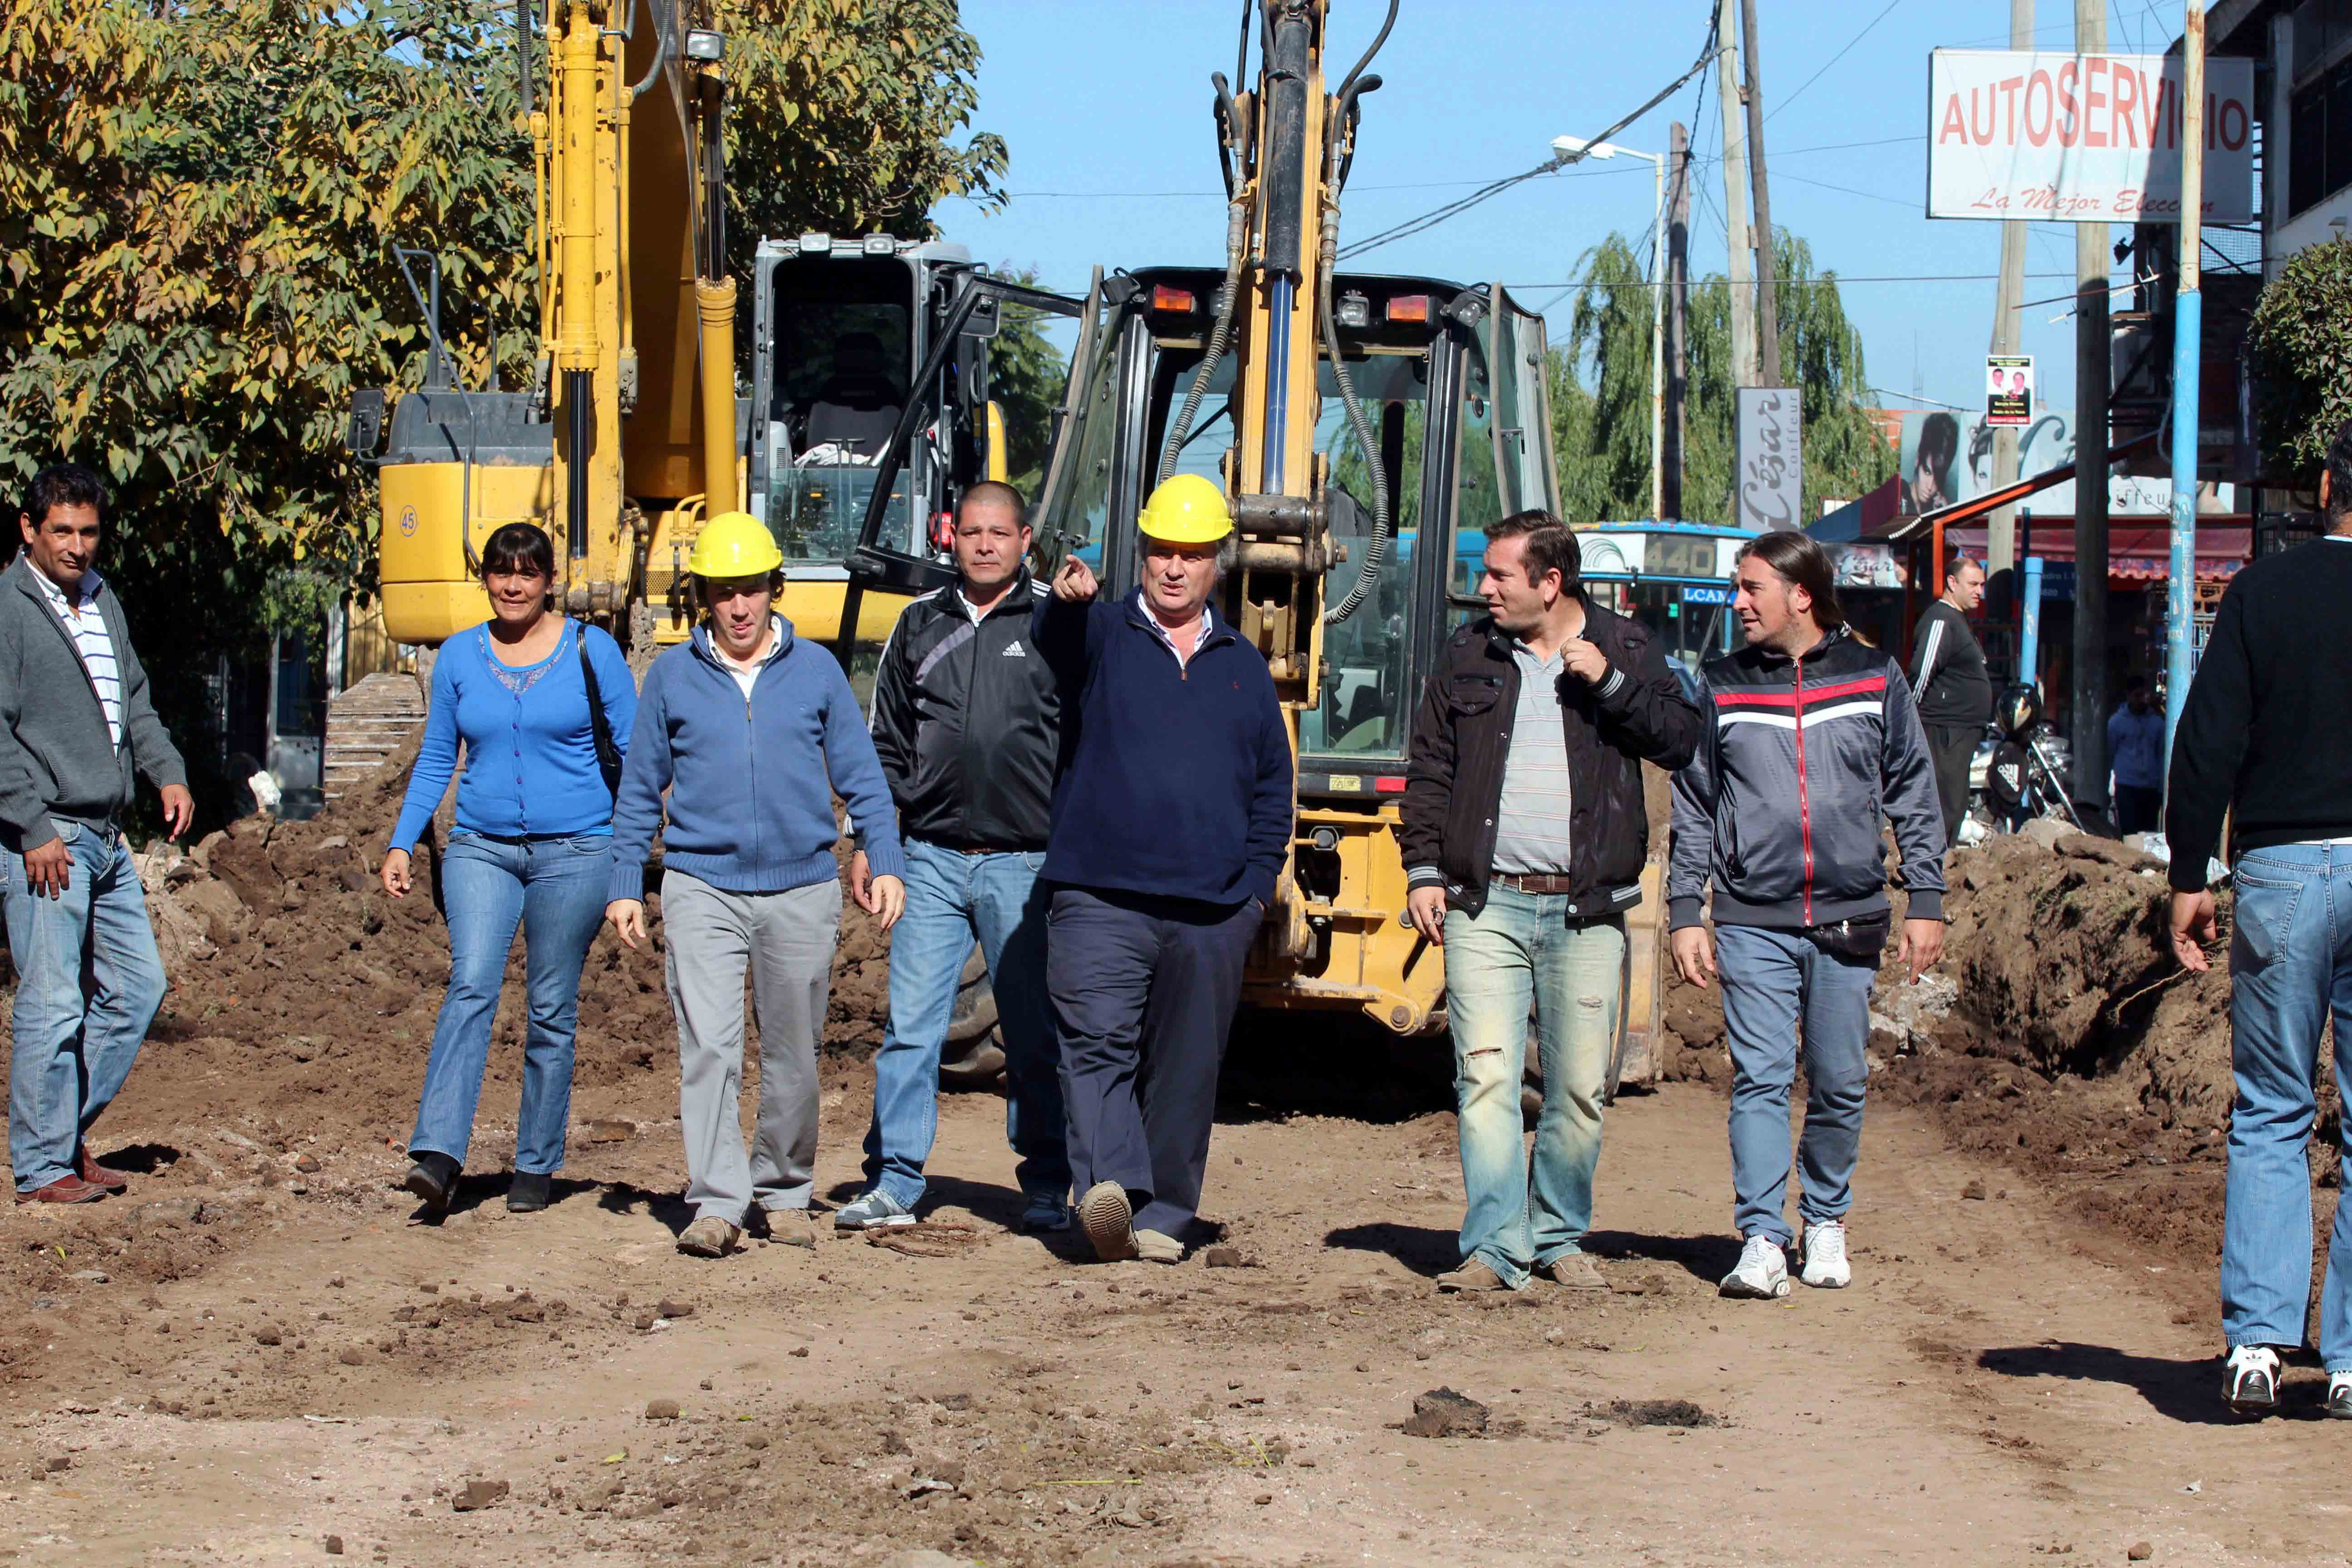 Arrancó importante obra de asfalto de quince cuadras en San Miguel